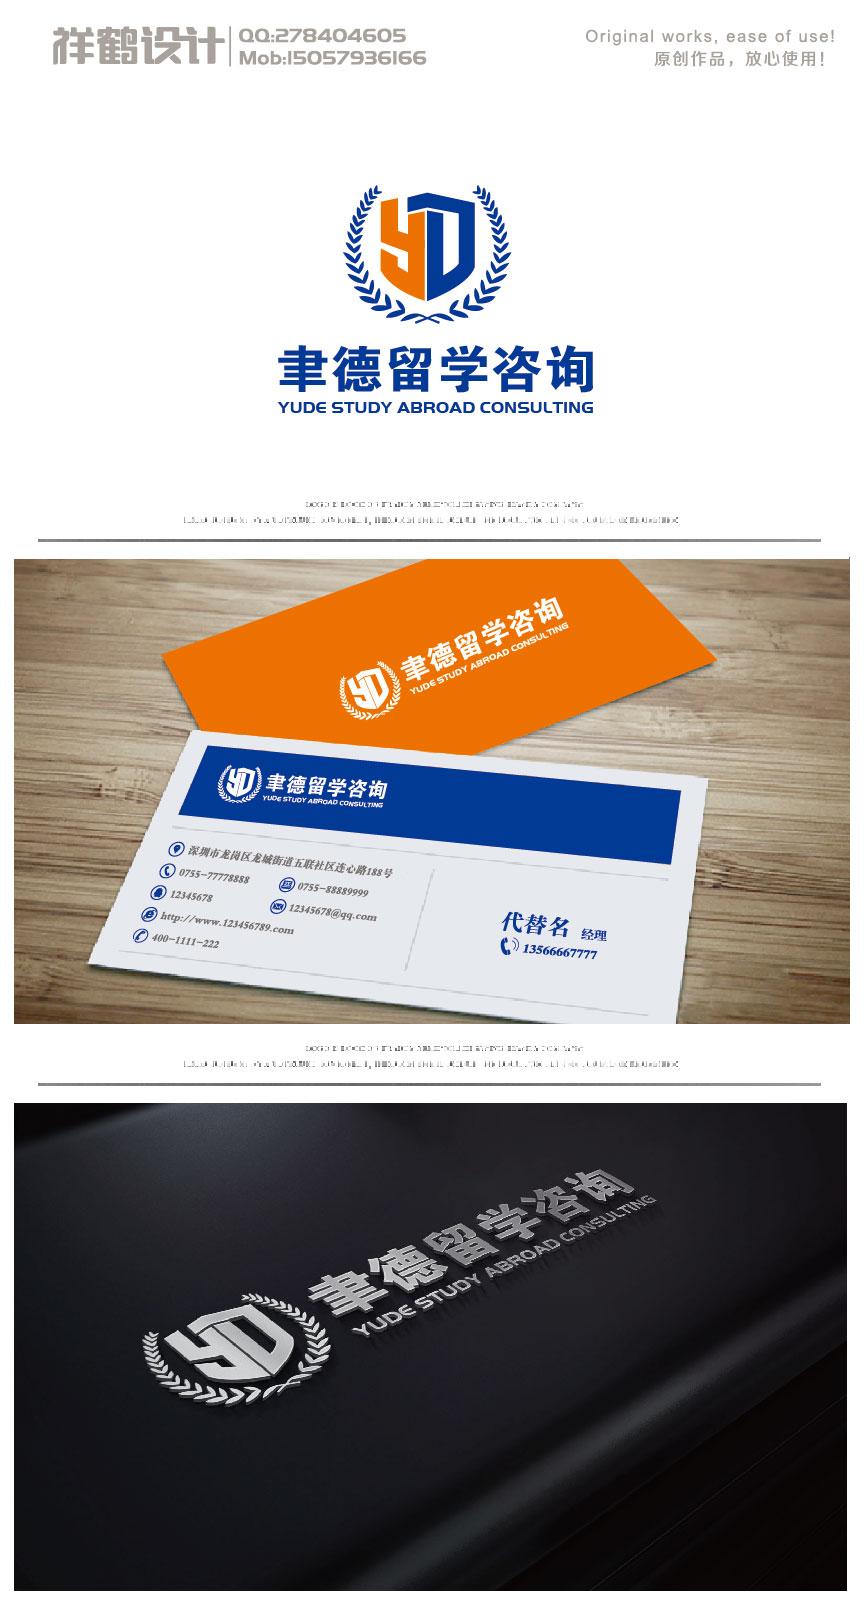 留学咨询公司标志设计_2963889_k68威客网